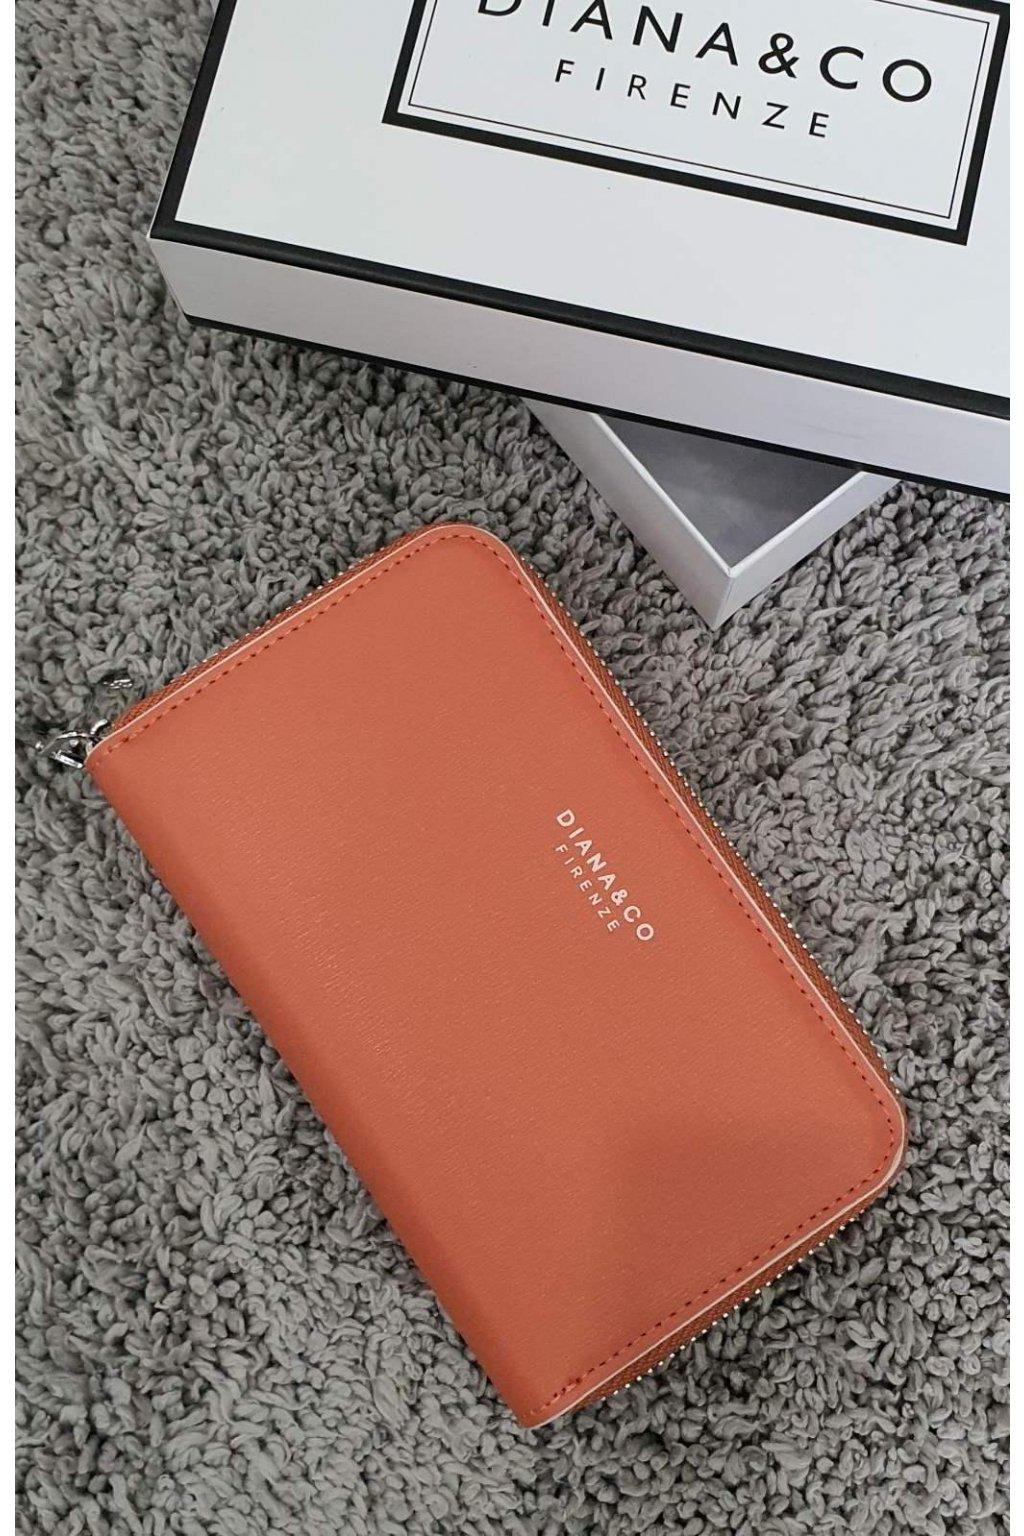 Dámská značková peněženka Diana&co oranžová